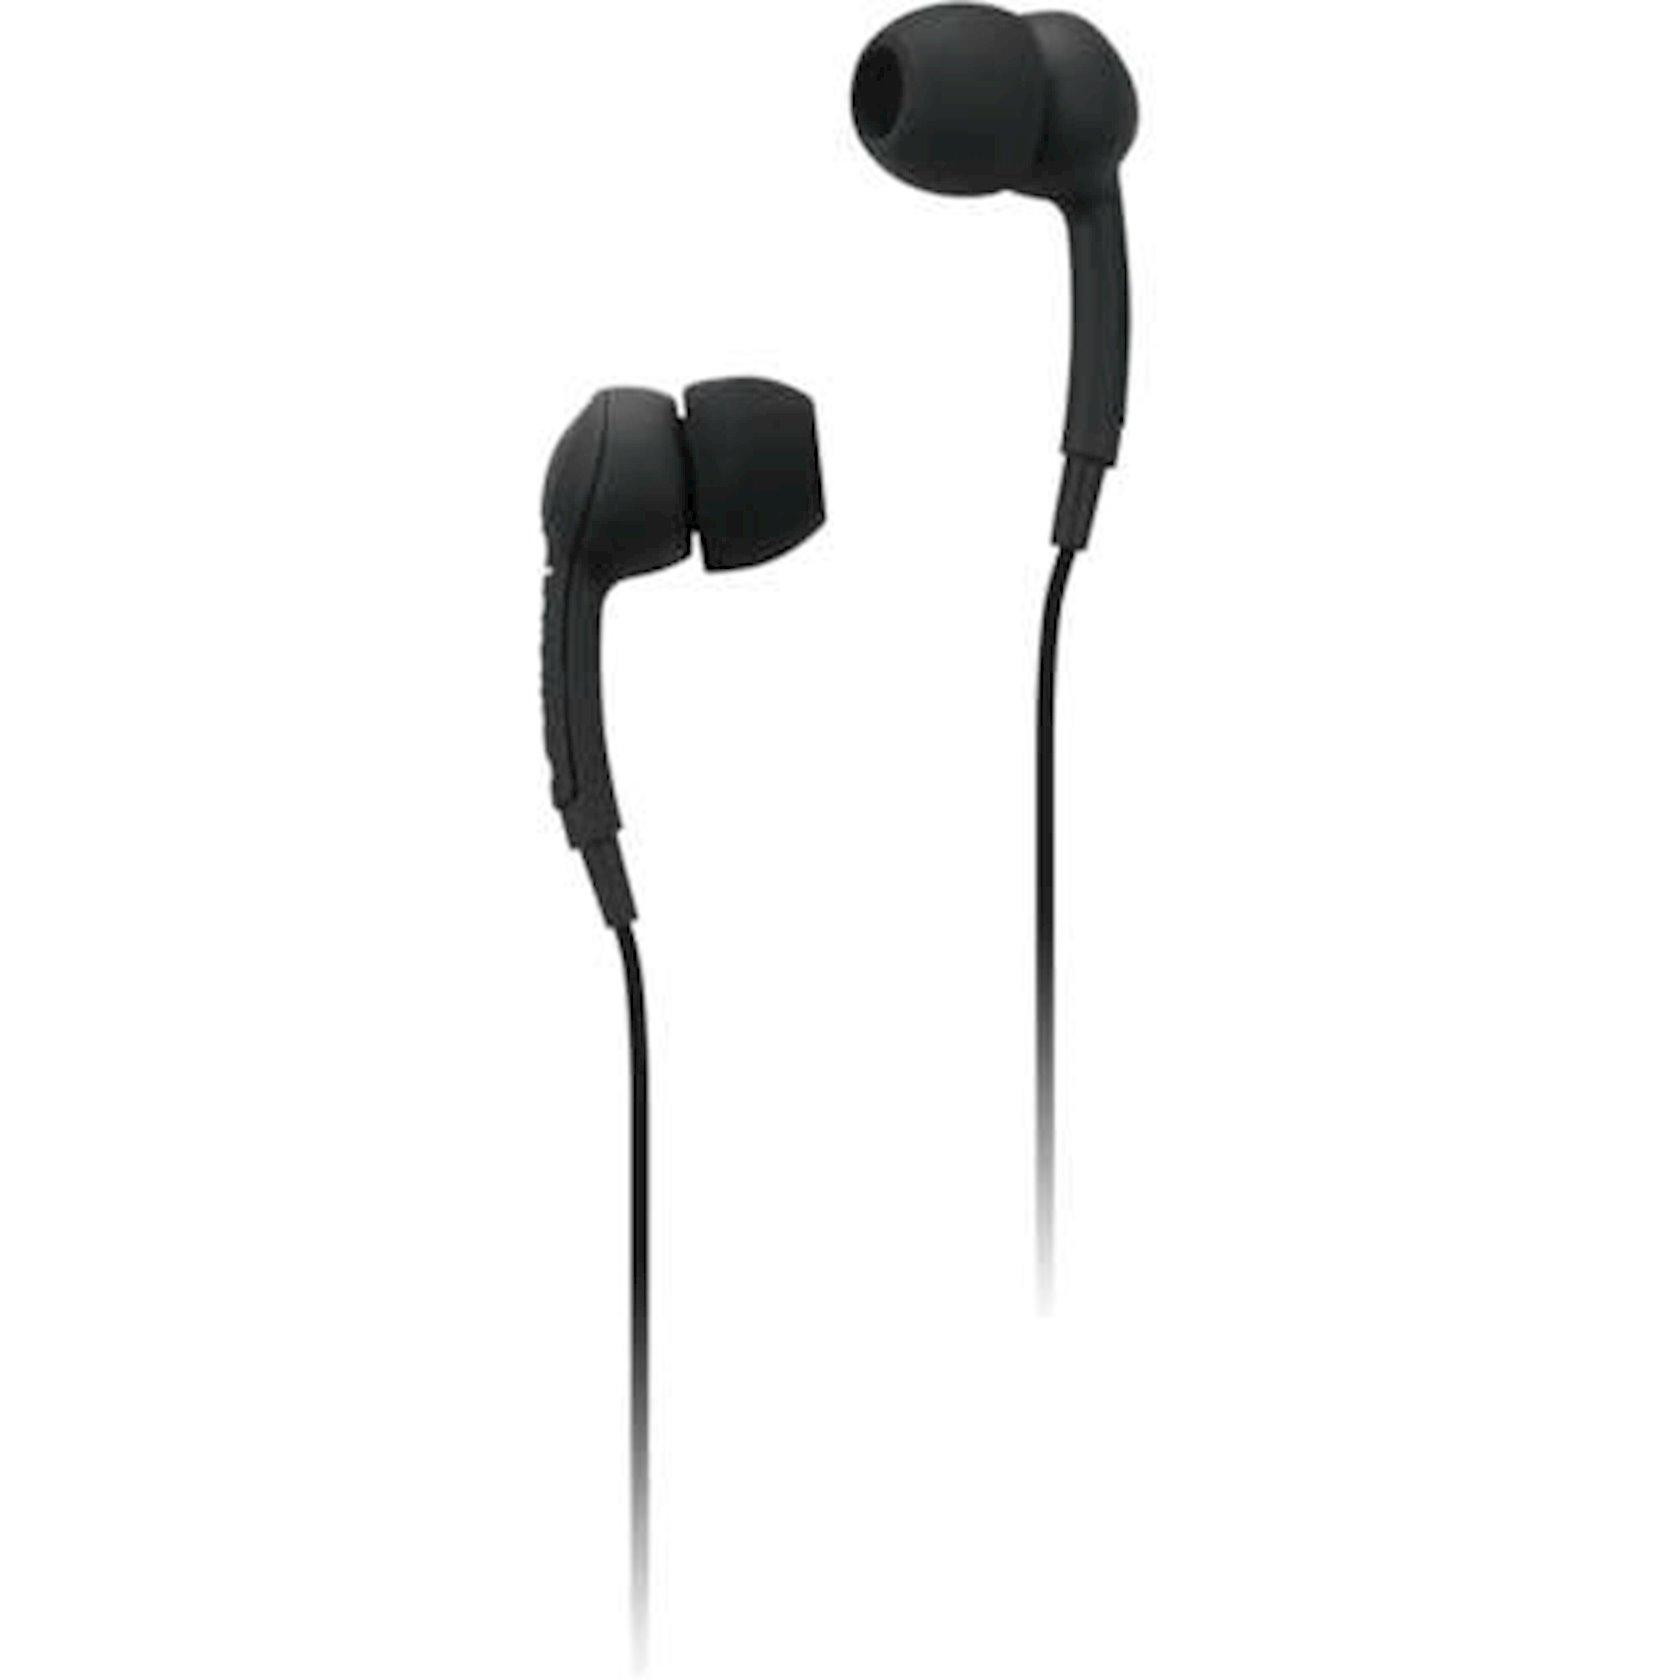 Simli qulaqlıqlar Lenovo 100 In-Ear Headphone (Black)